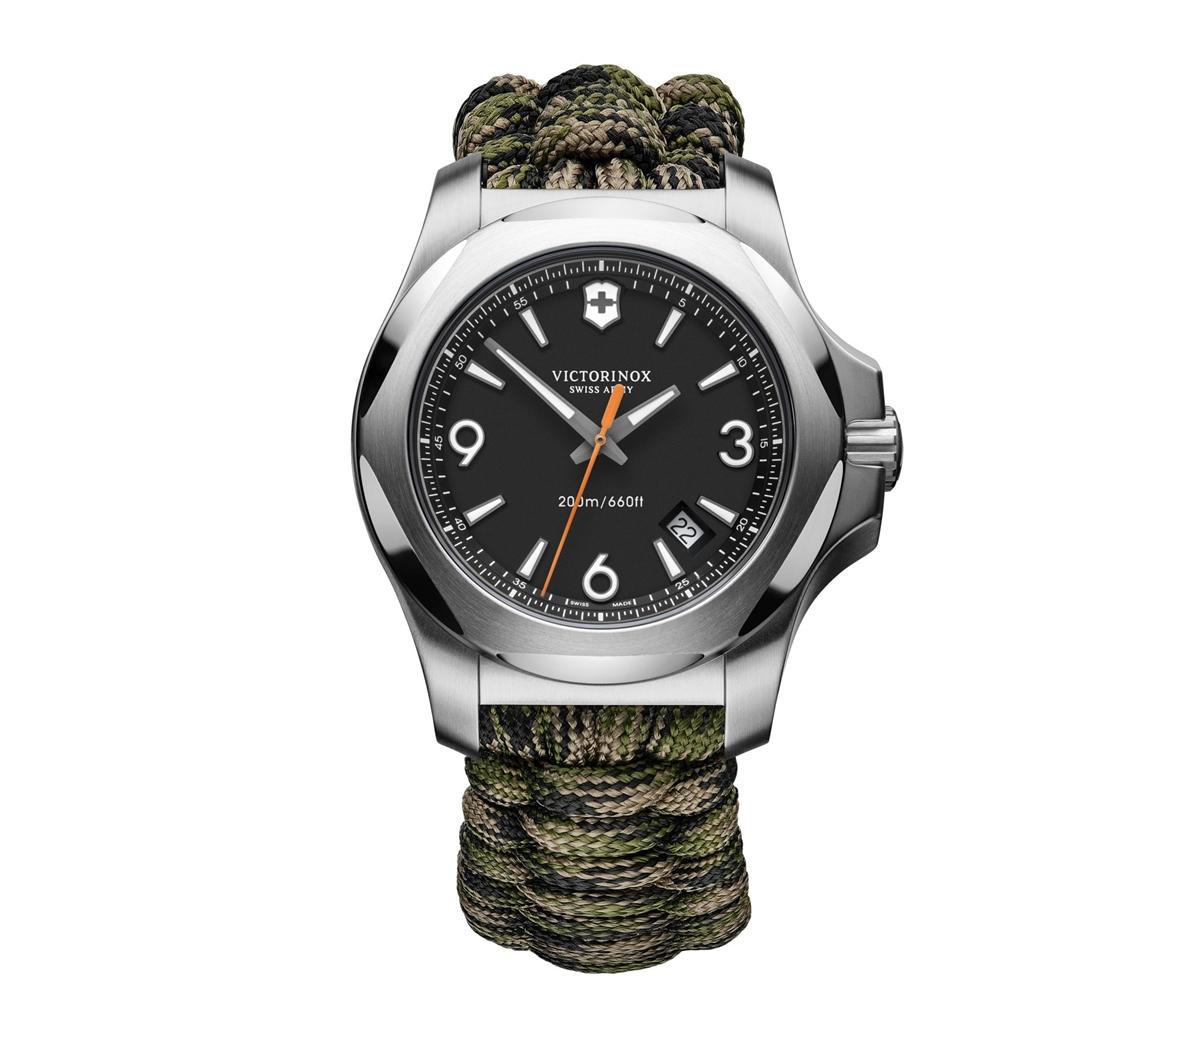 ビクトリノックス VICTORINOX 241894 イノックス オータムスピリット 正規品 腕時計